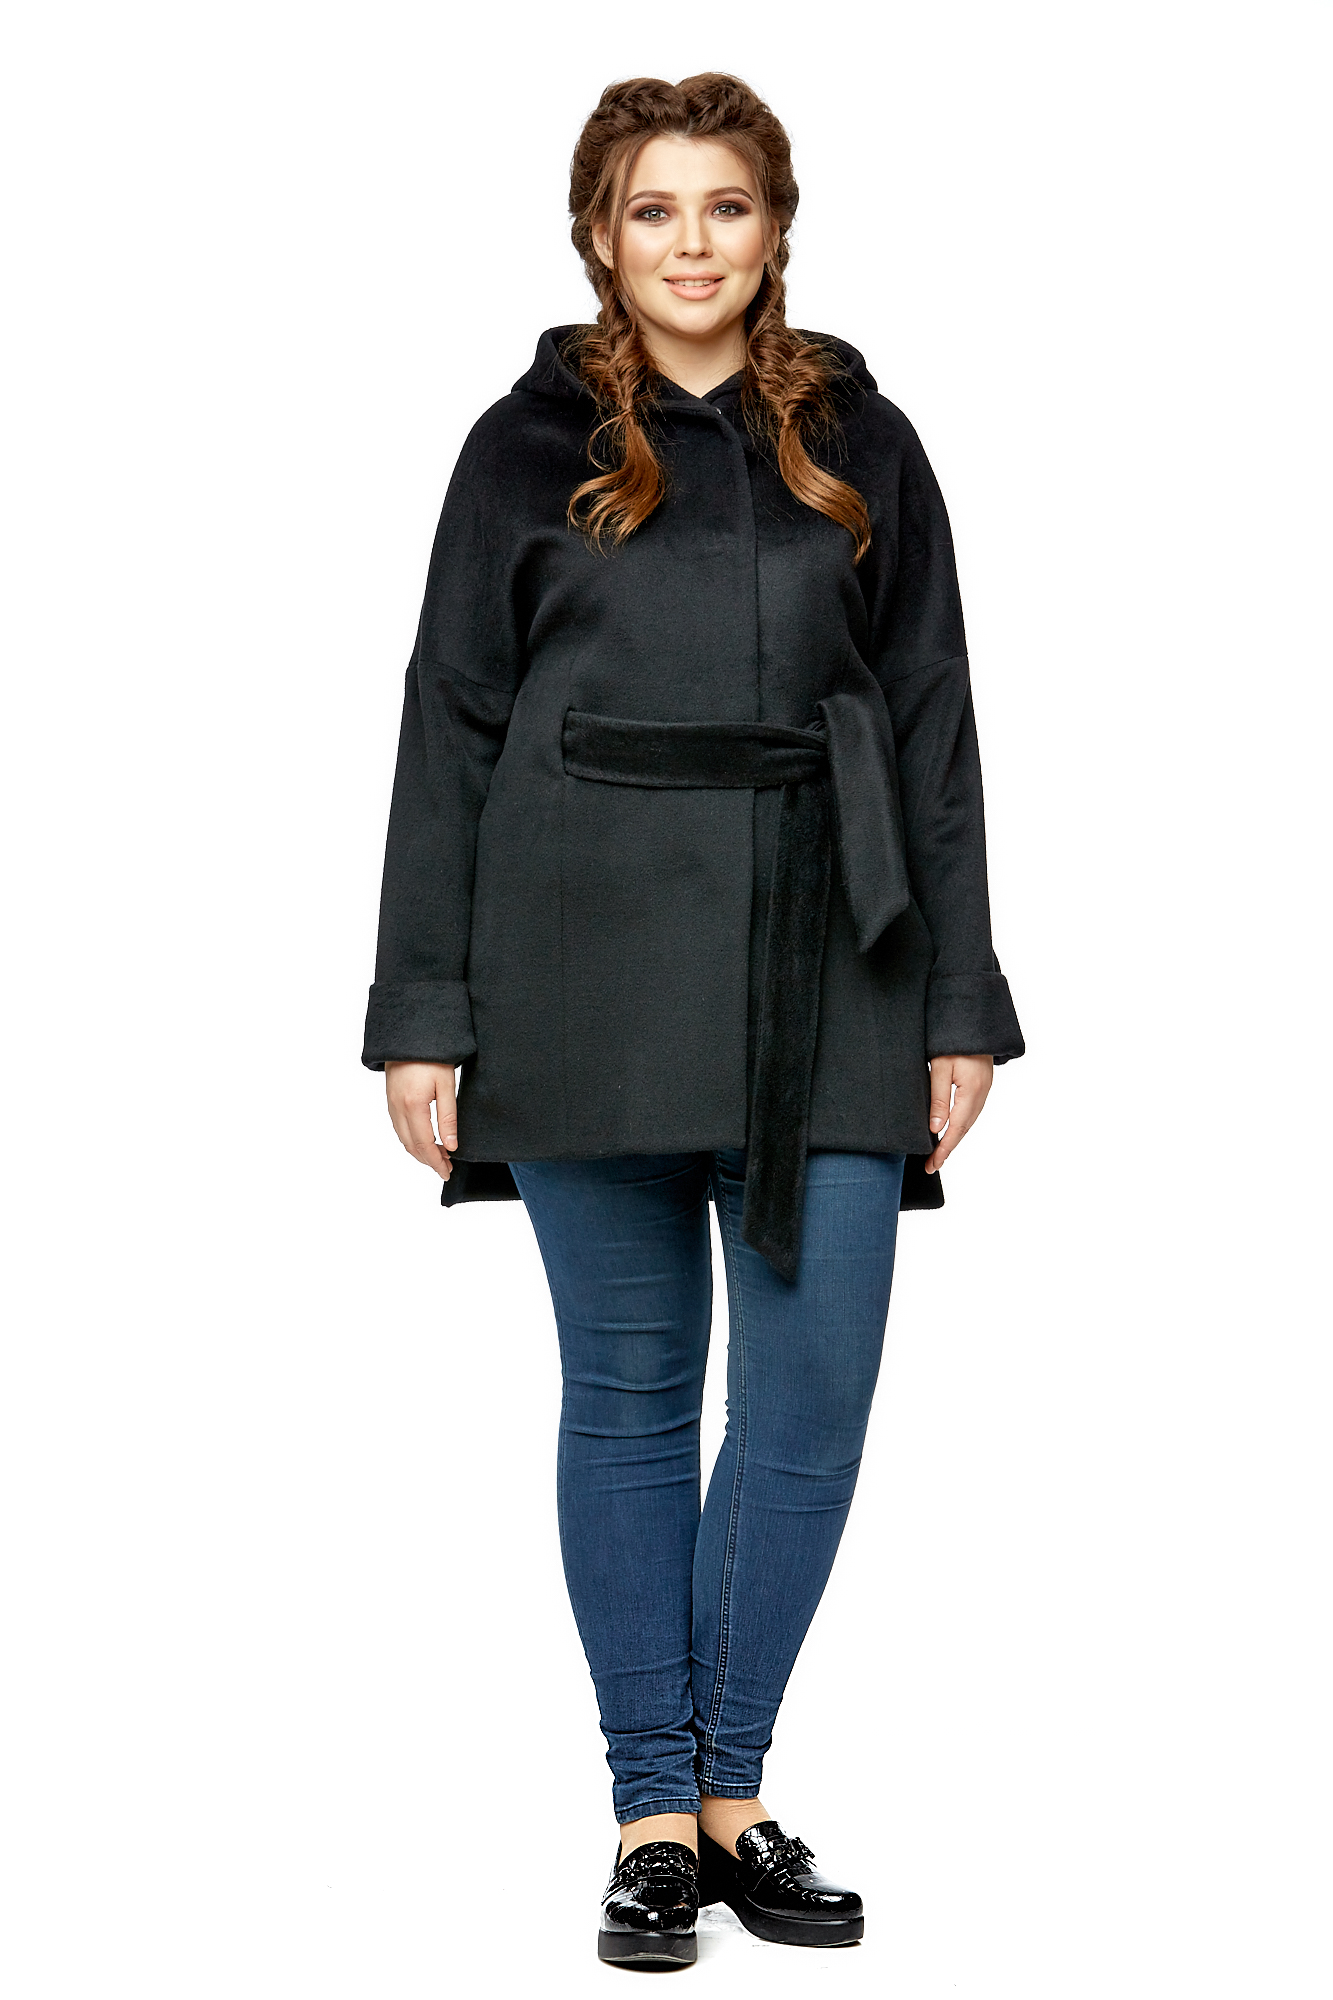 Женское пальто из текстиля МОСМЕХА